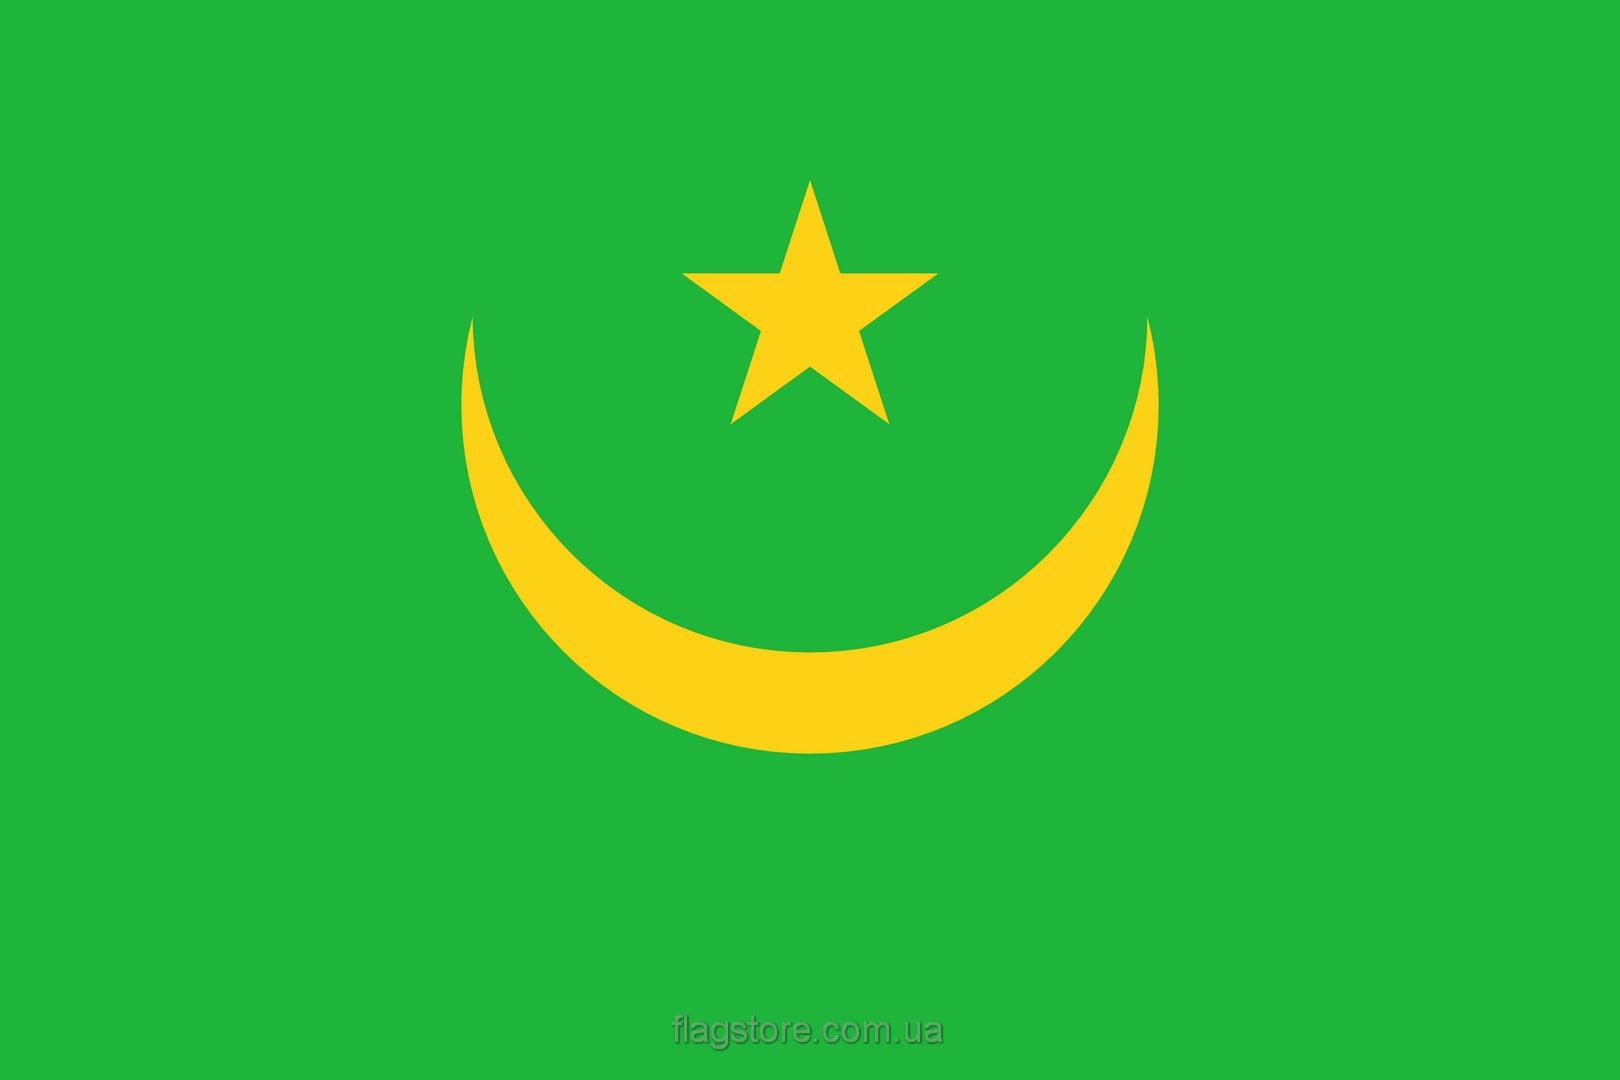 Купить флаг Мавритании (страны Мавритания)